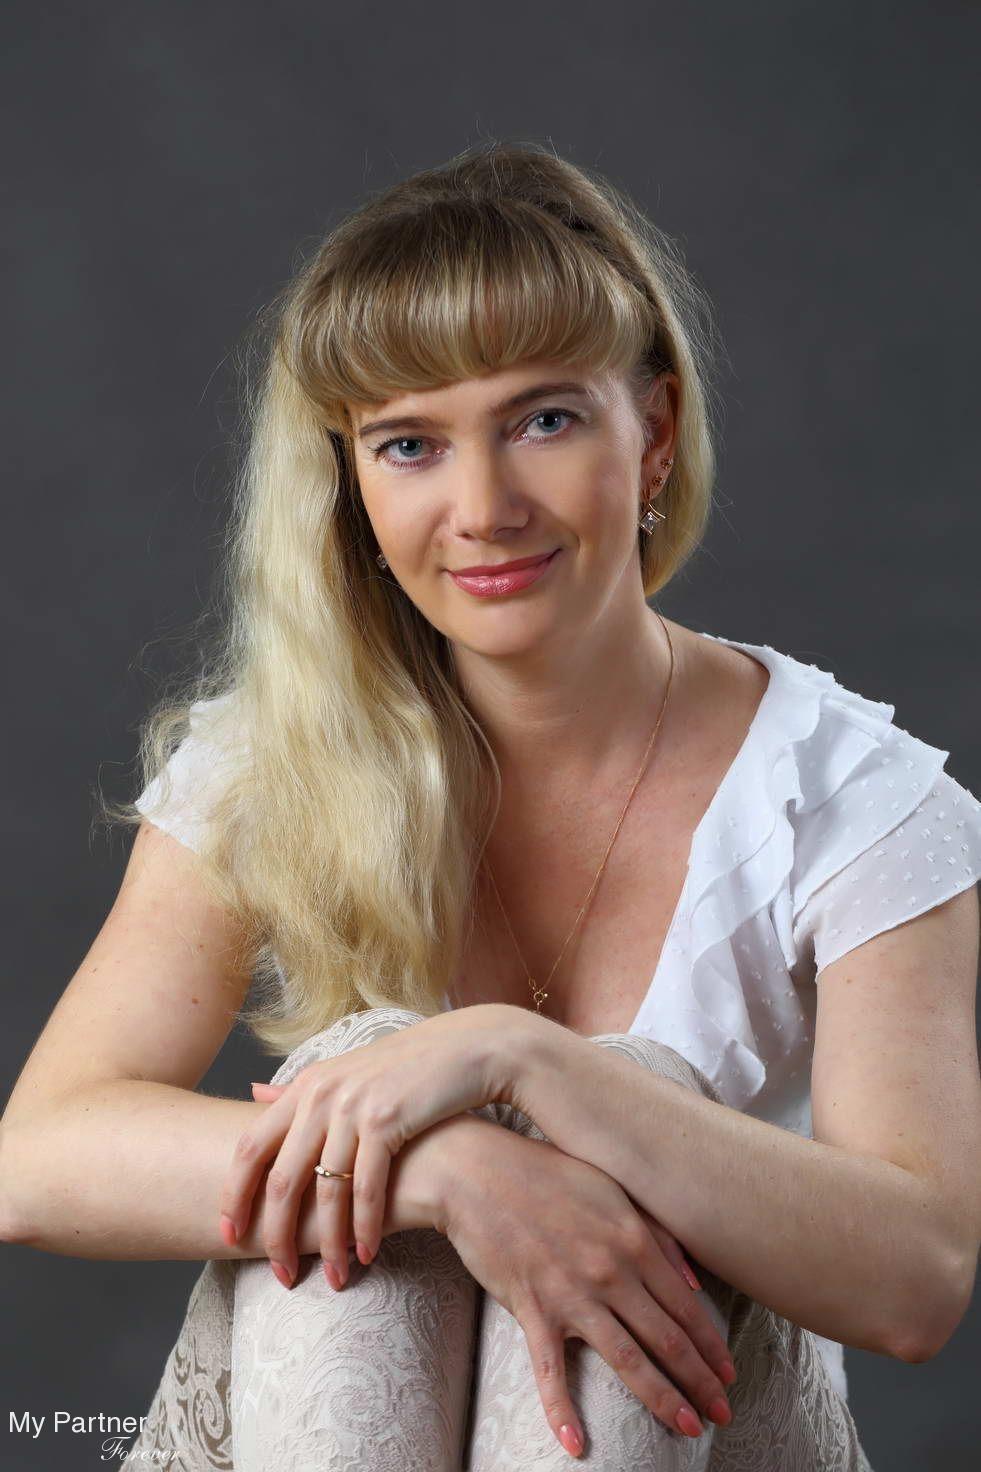 Singles novias ucranianas que datan